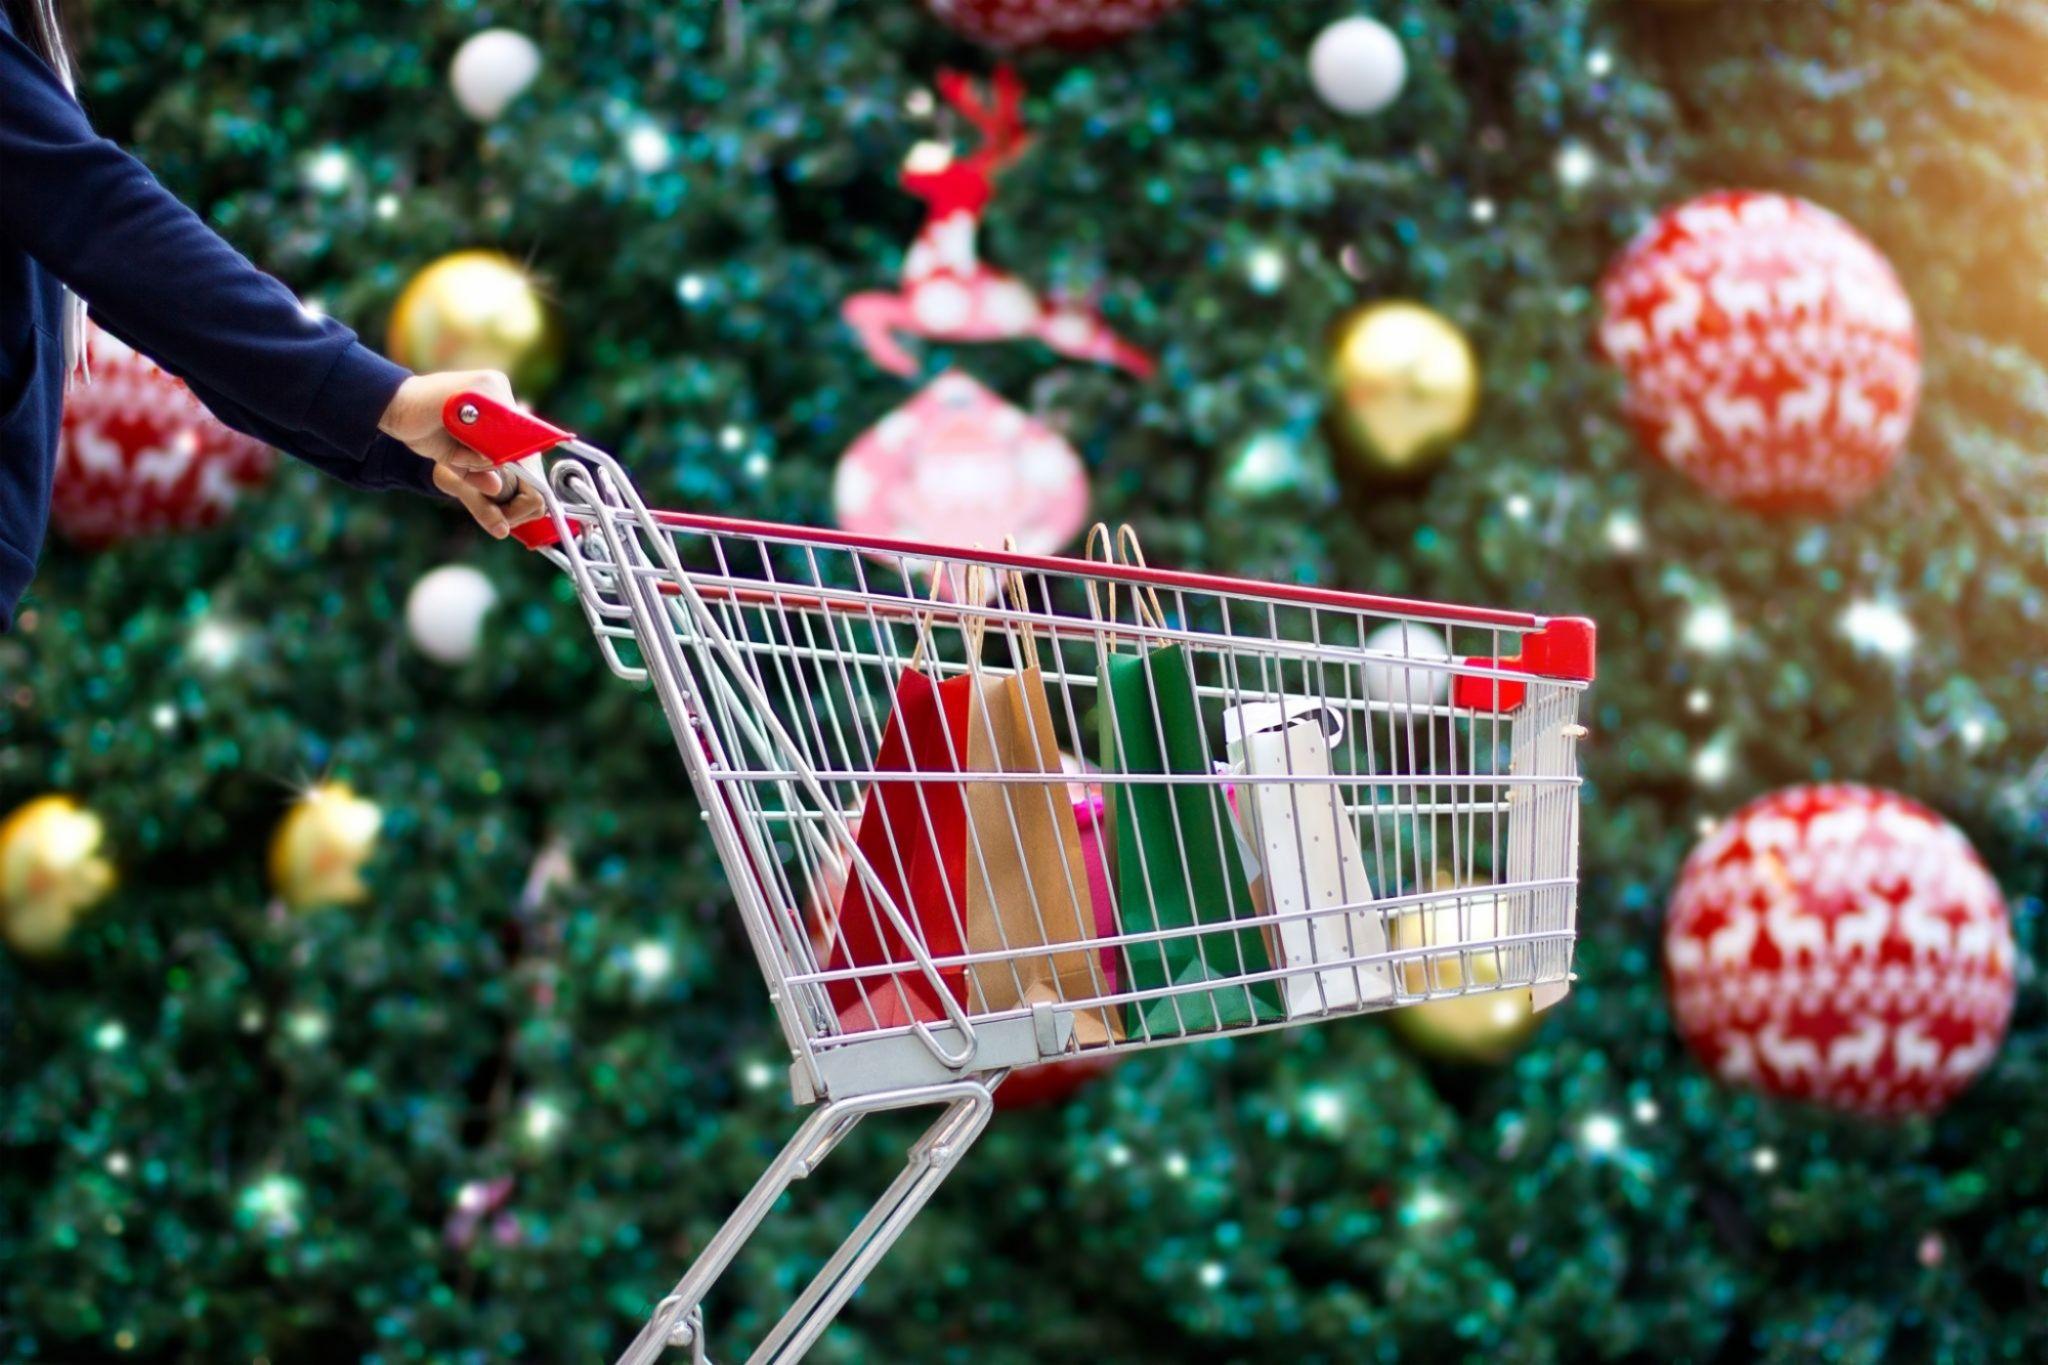 Winkelwagen supermarkt kerst